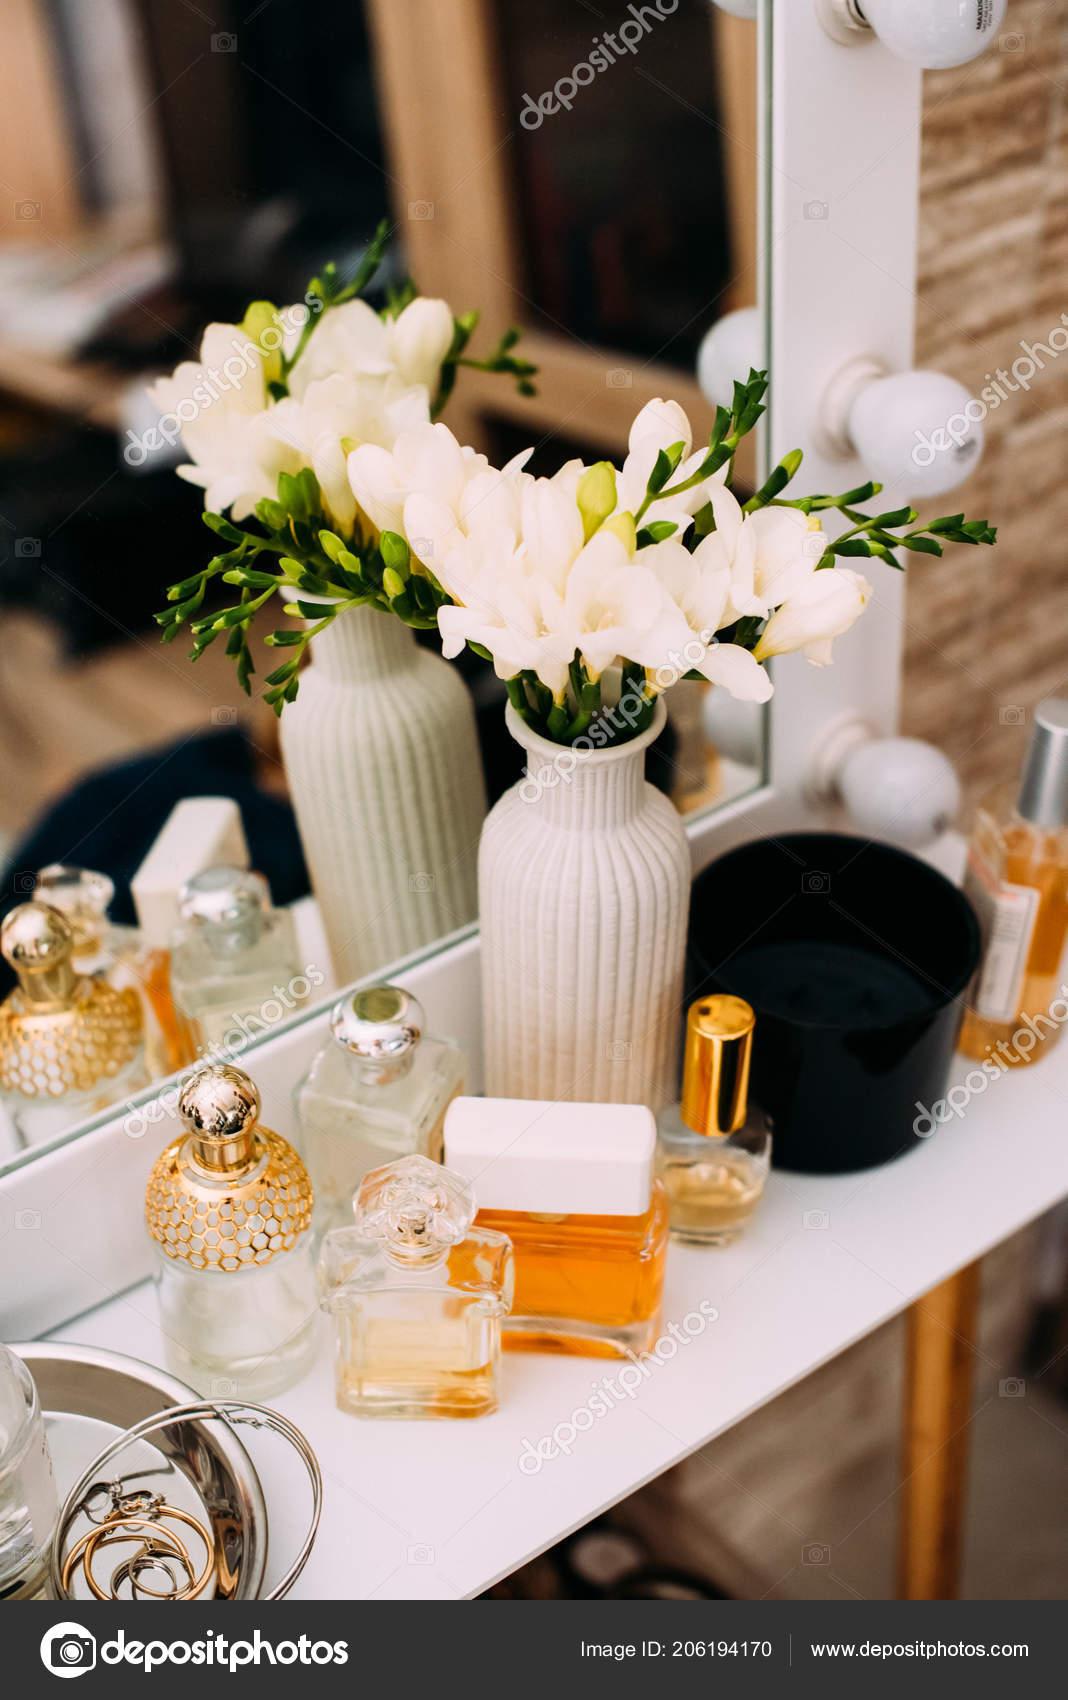 Kaptafel Met Spiegel En Licht.Parfumerie Cosmetica Een Kaptafel Met Een Spiegel Licht Make